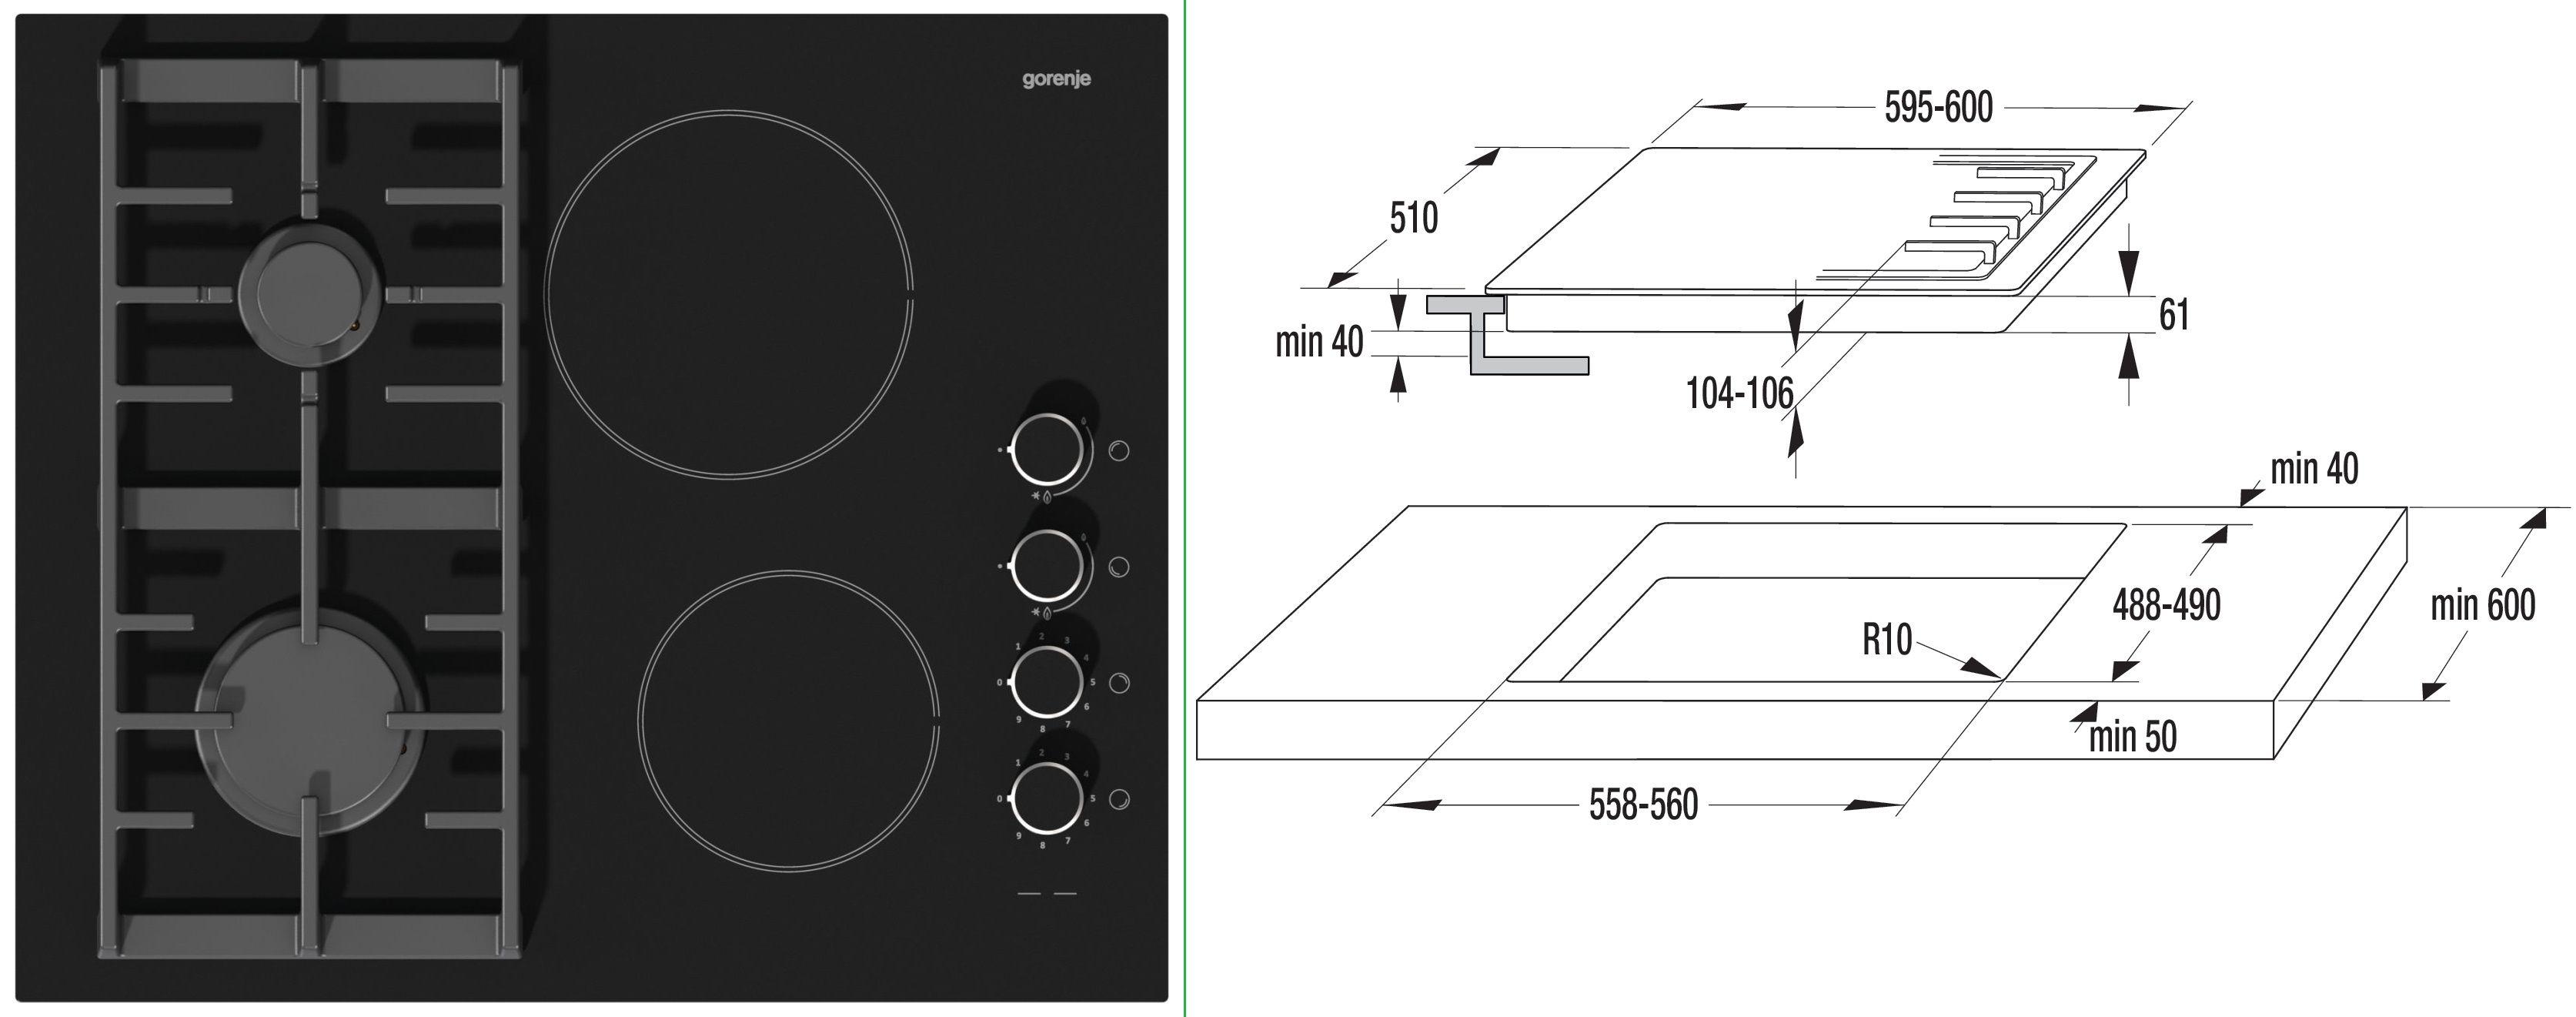 Варочная поверхность комбинированная GORENJE KC 621 USC - Zp-Tehnika.com.ua™: купить видео и бытовую технику в Запорожье